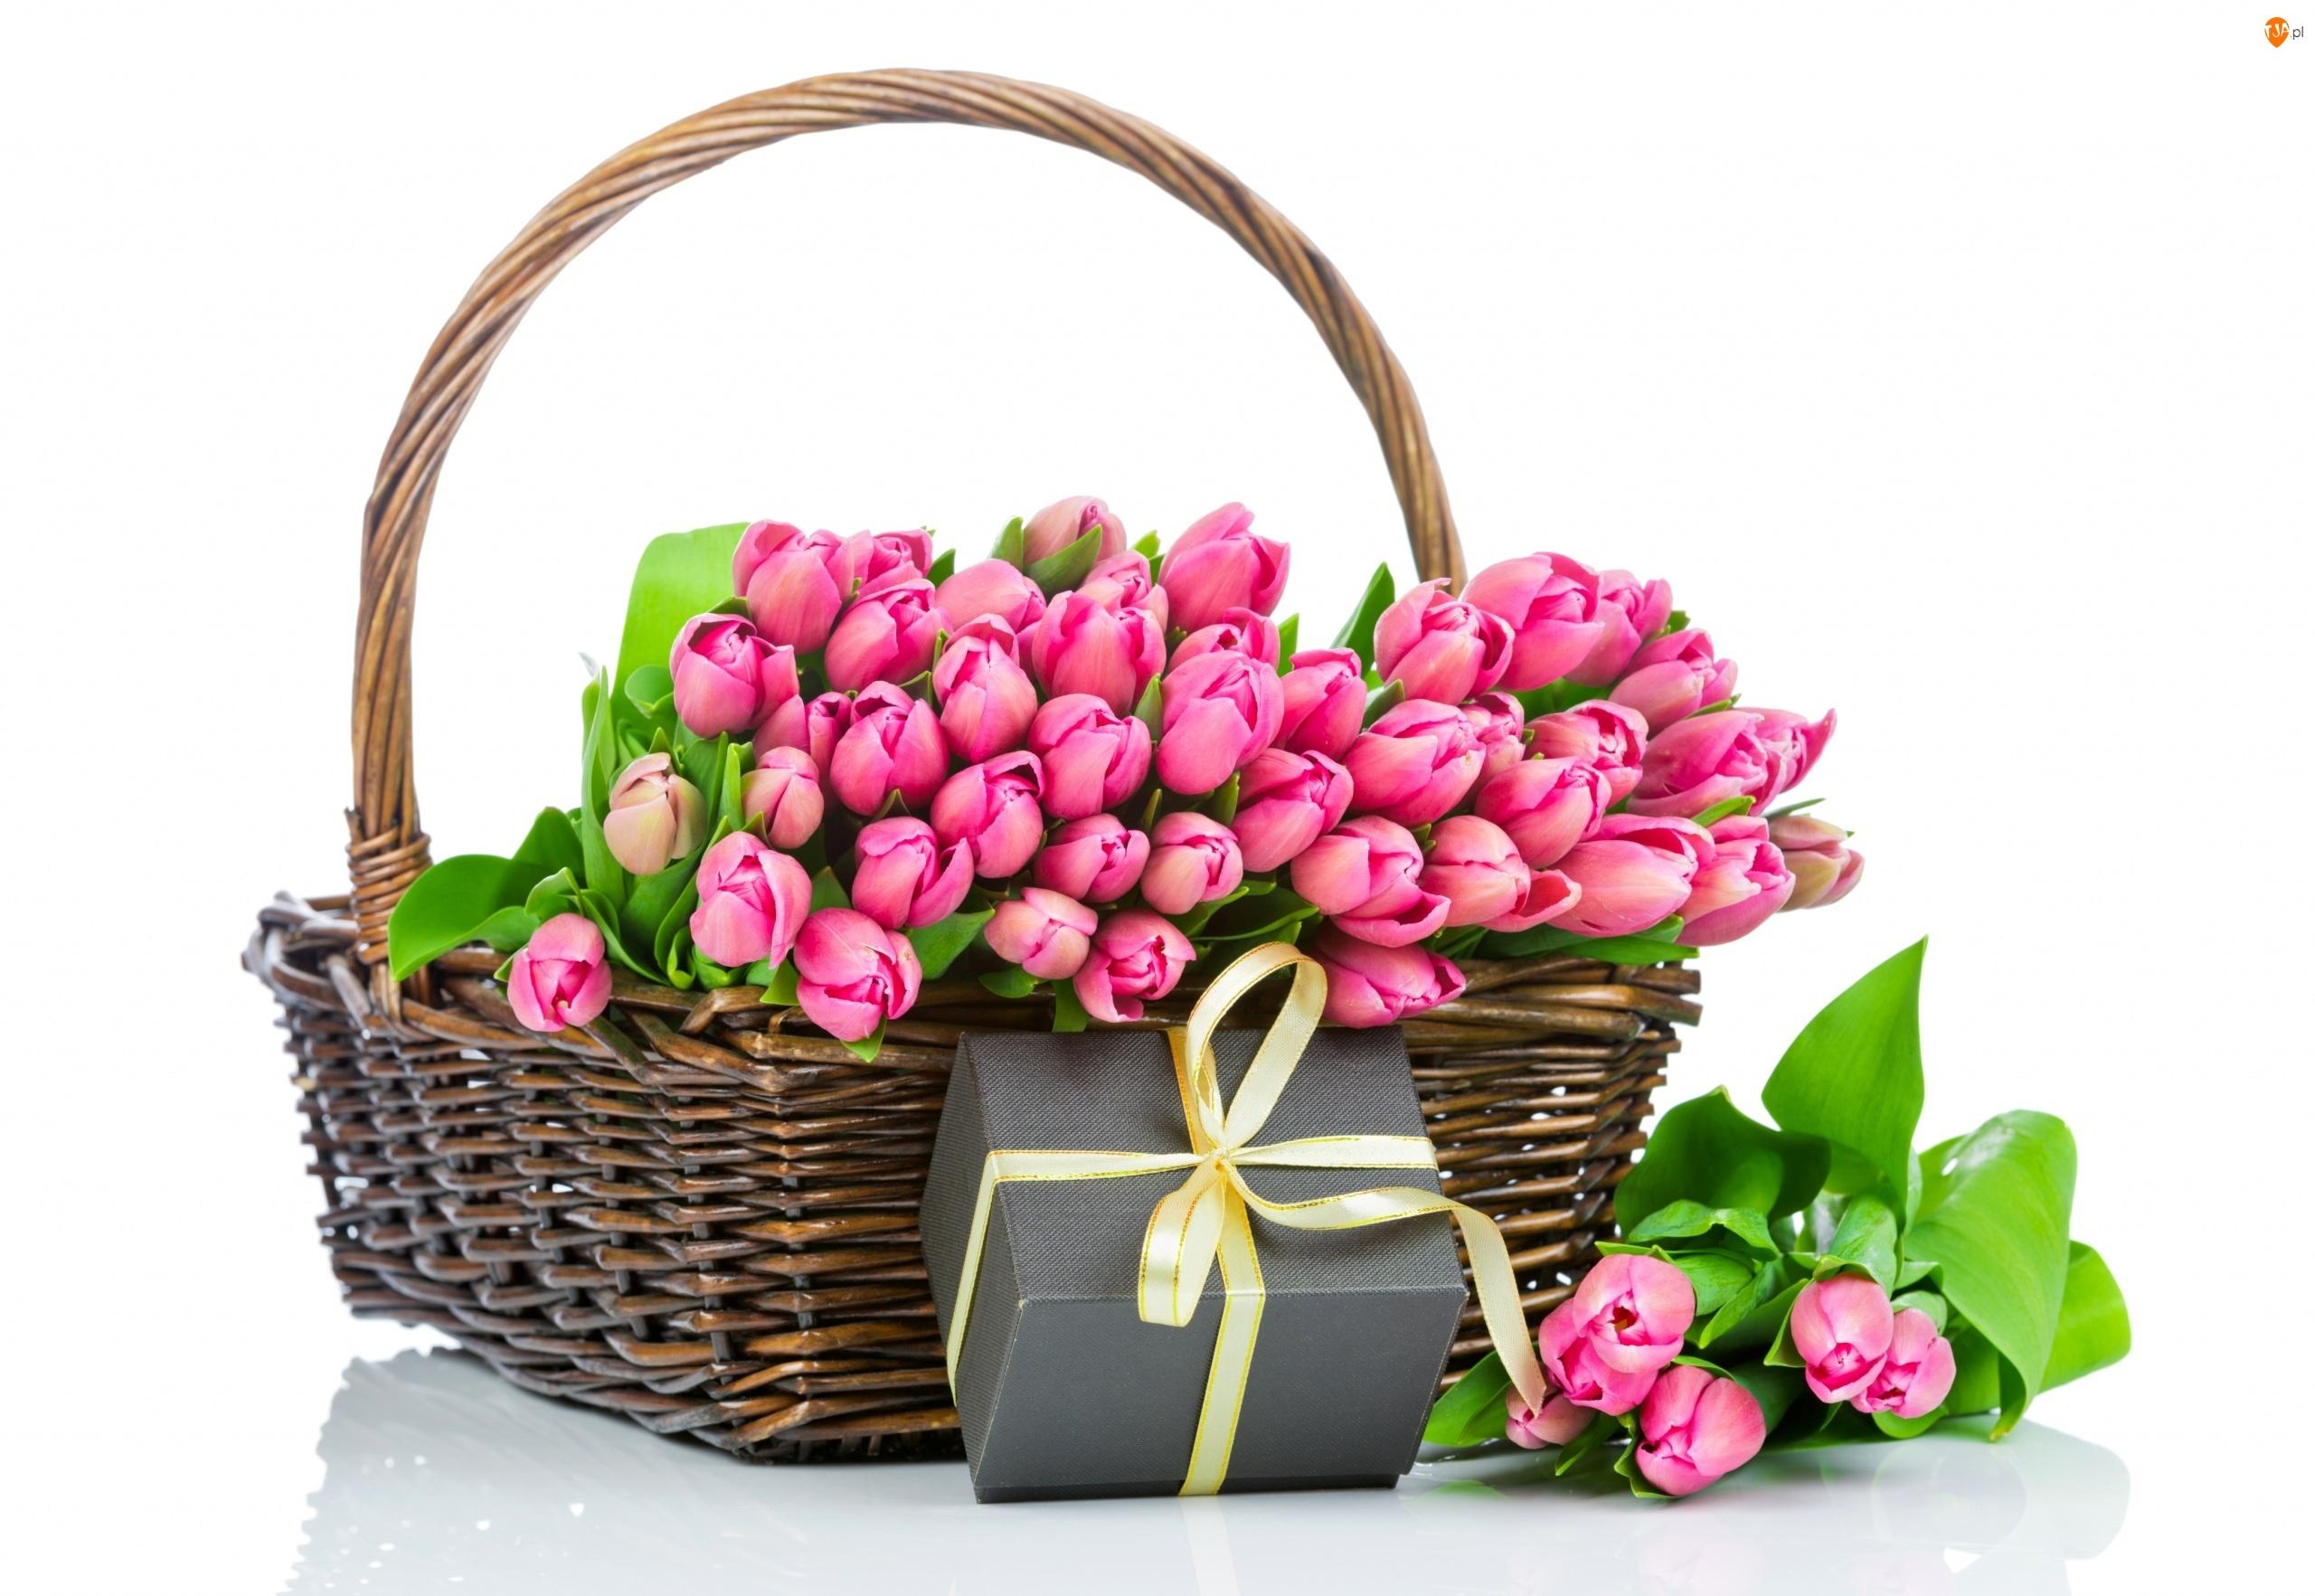 Biel, Kosz wiklinowy, Pudełko prezent, Tulipany różowe, Żółta wstążka